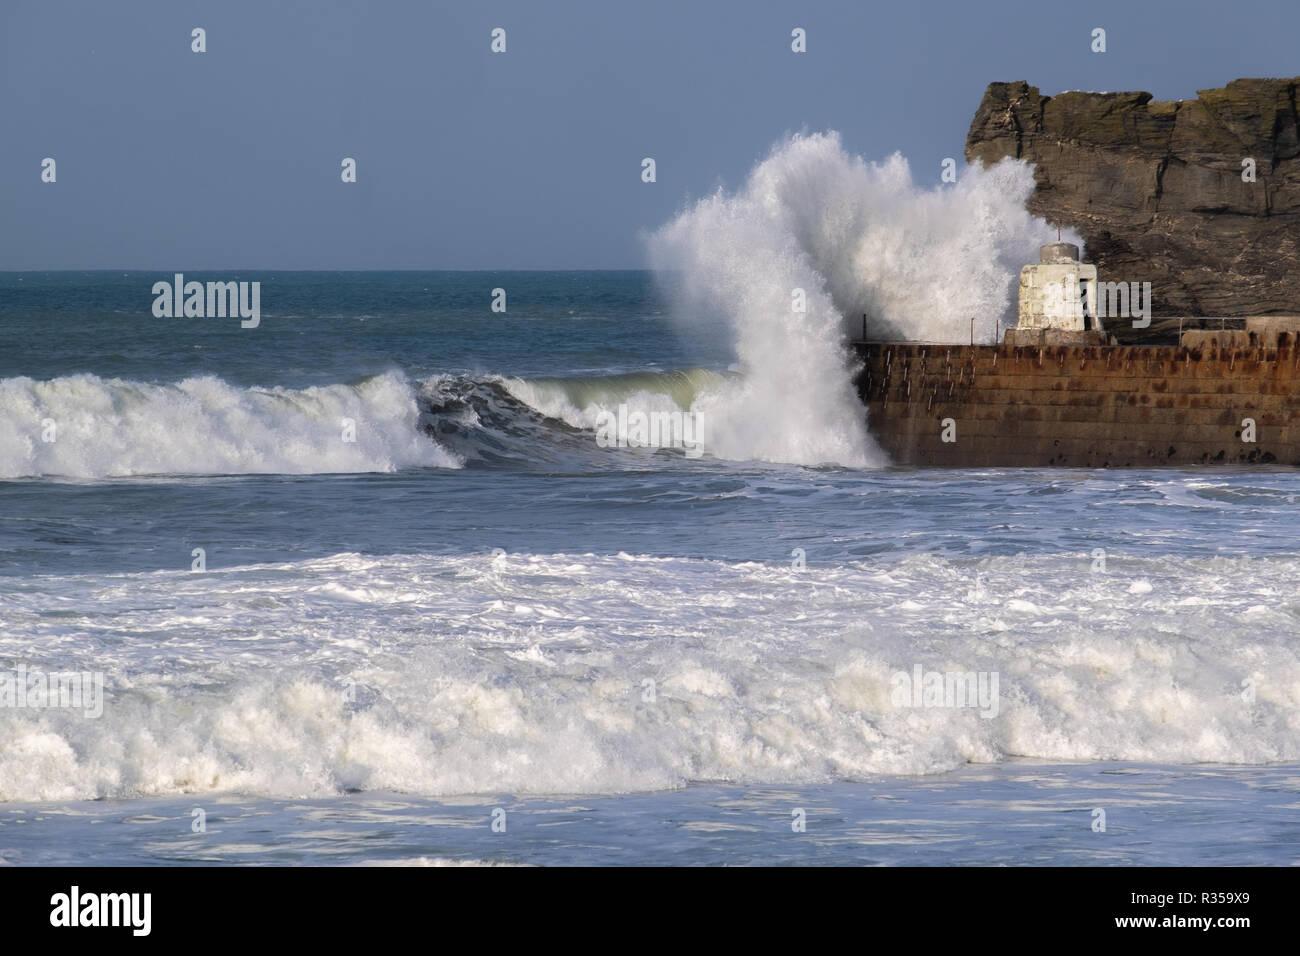 Unico surfer sfidando le onde vicino porto Portreath parete, Cornwall che si rompono sopra la parete del porto. Immagini Stock